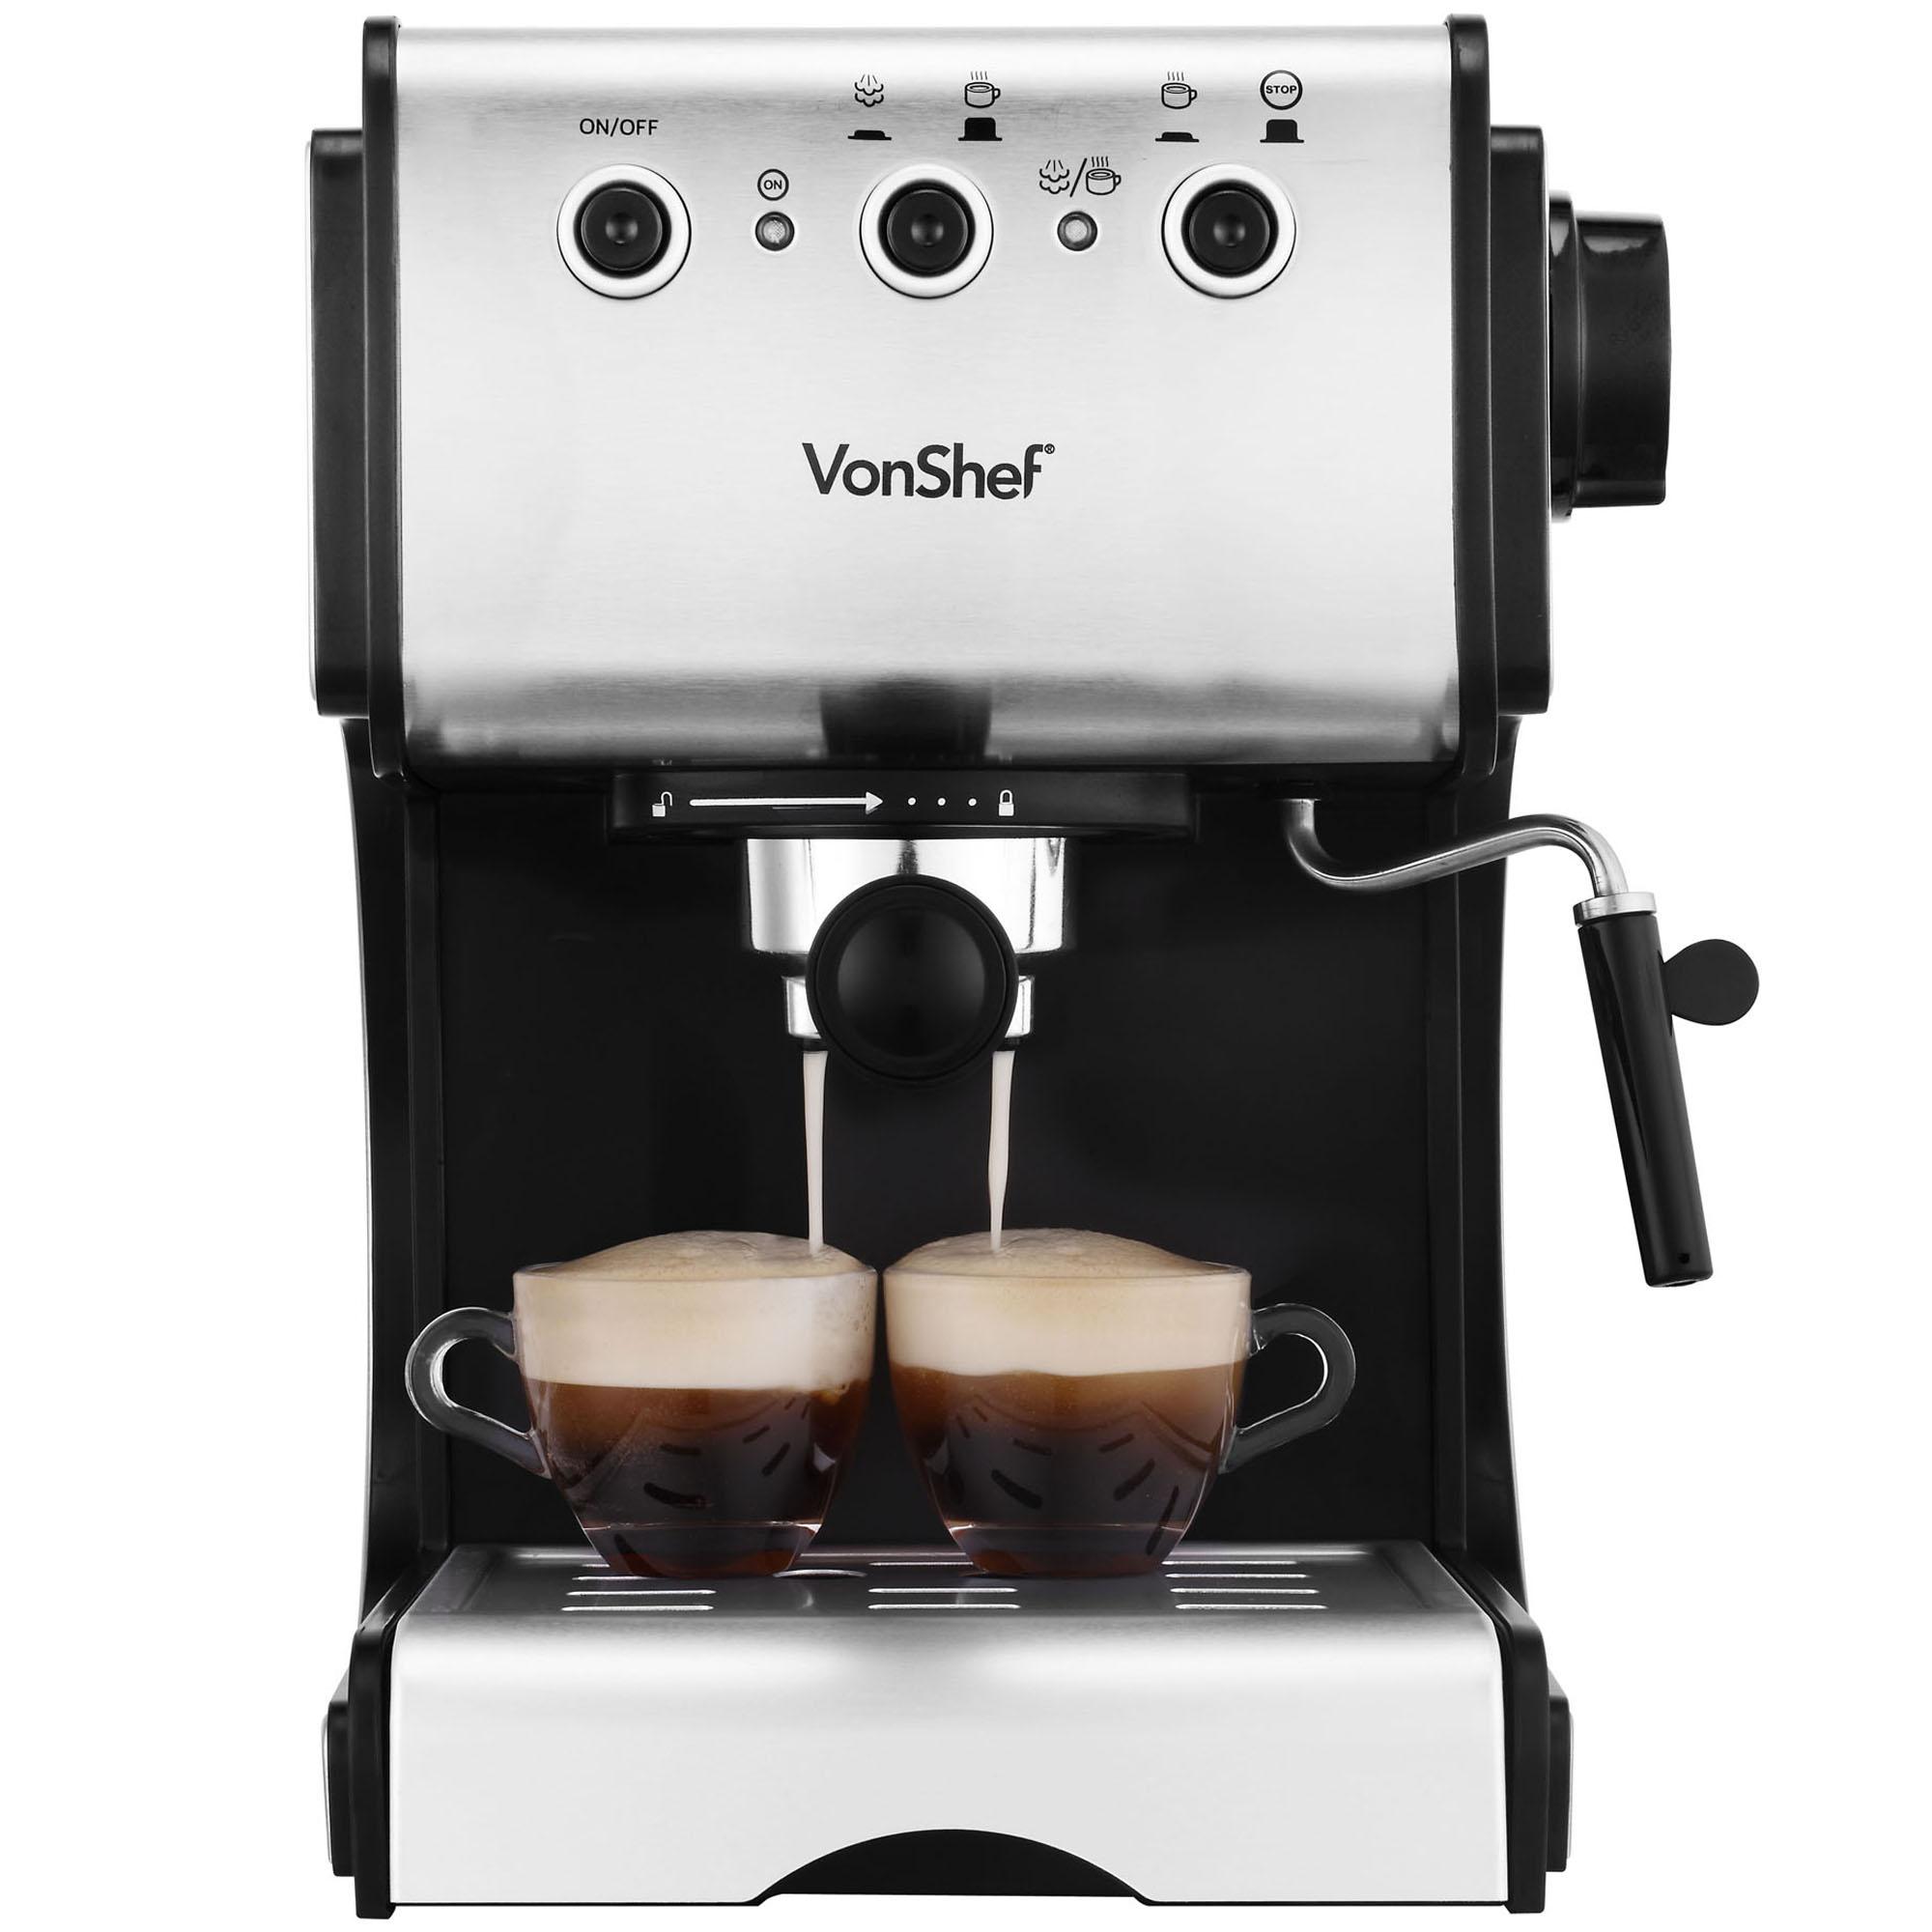 Vonshef Coffee Maker Reviews : VonShef Premium 15 Bar Stainless Steel Espresso Cappuccino Coffee Maker Machine eBay